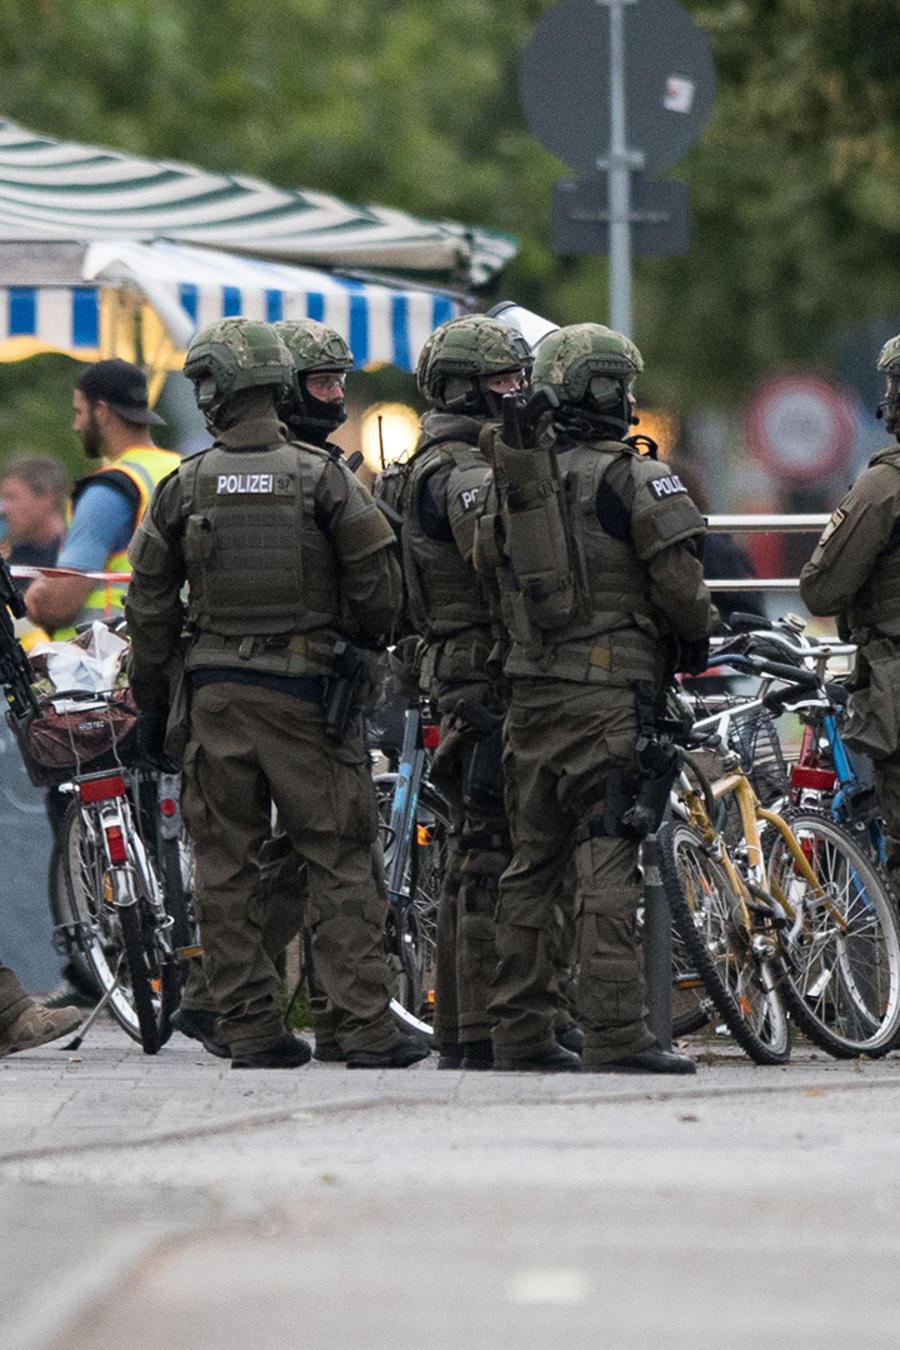 El supuesto asesino de Múnich se suicidó